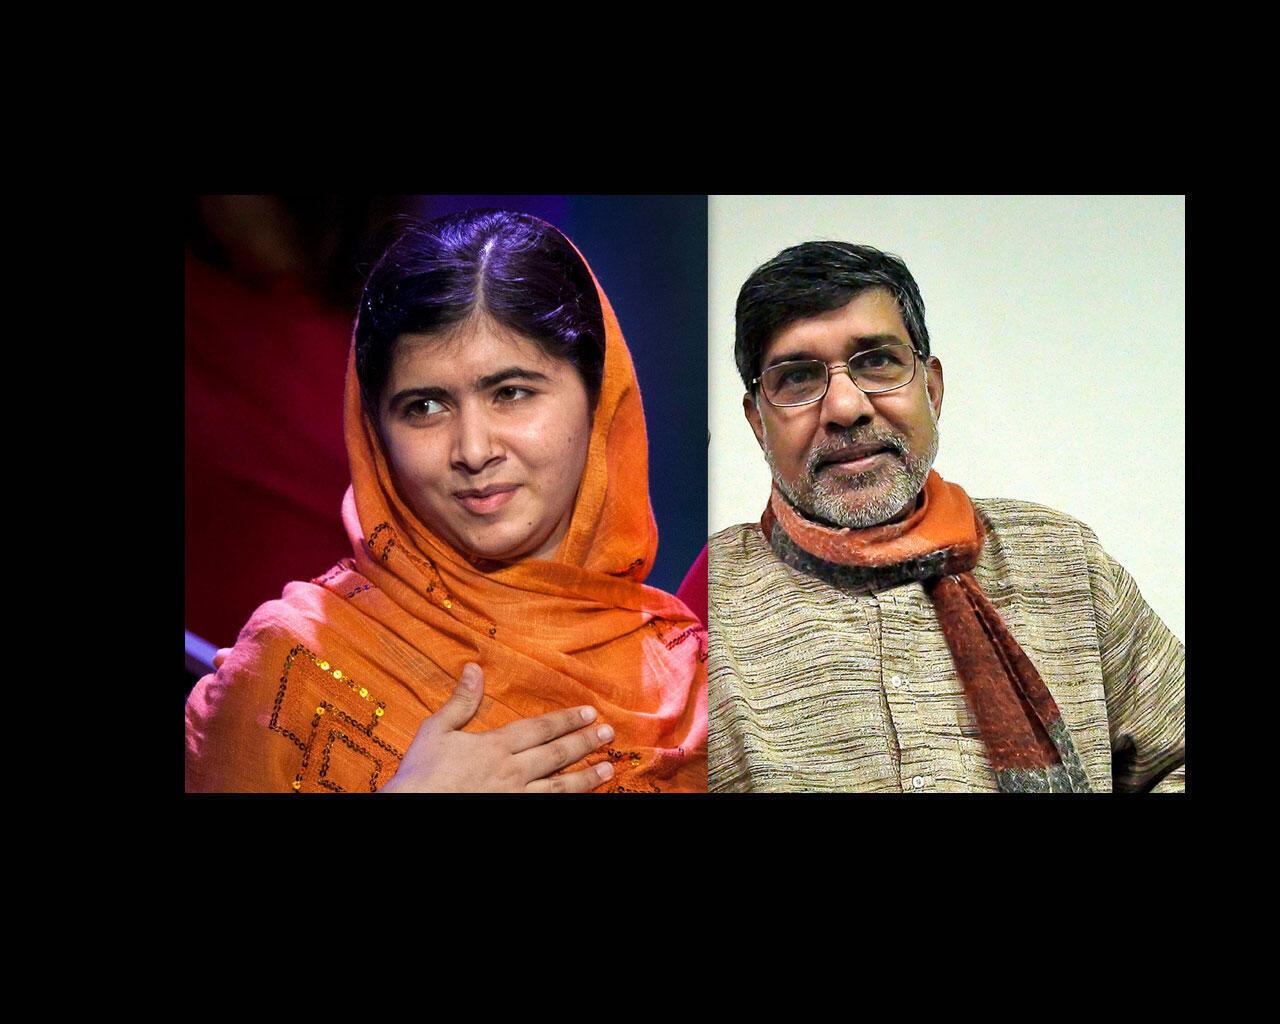 """جایزه صلح نوبل ٢٠١٤ مشترکاً به """"ملالا یوسف زی"""" و """"کایلکاش ساتیراتی"""" اهدا شد."""